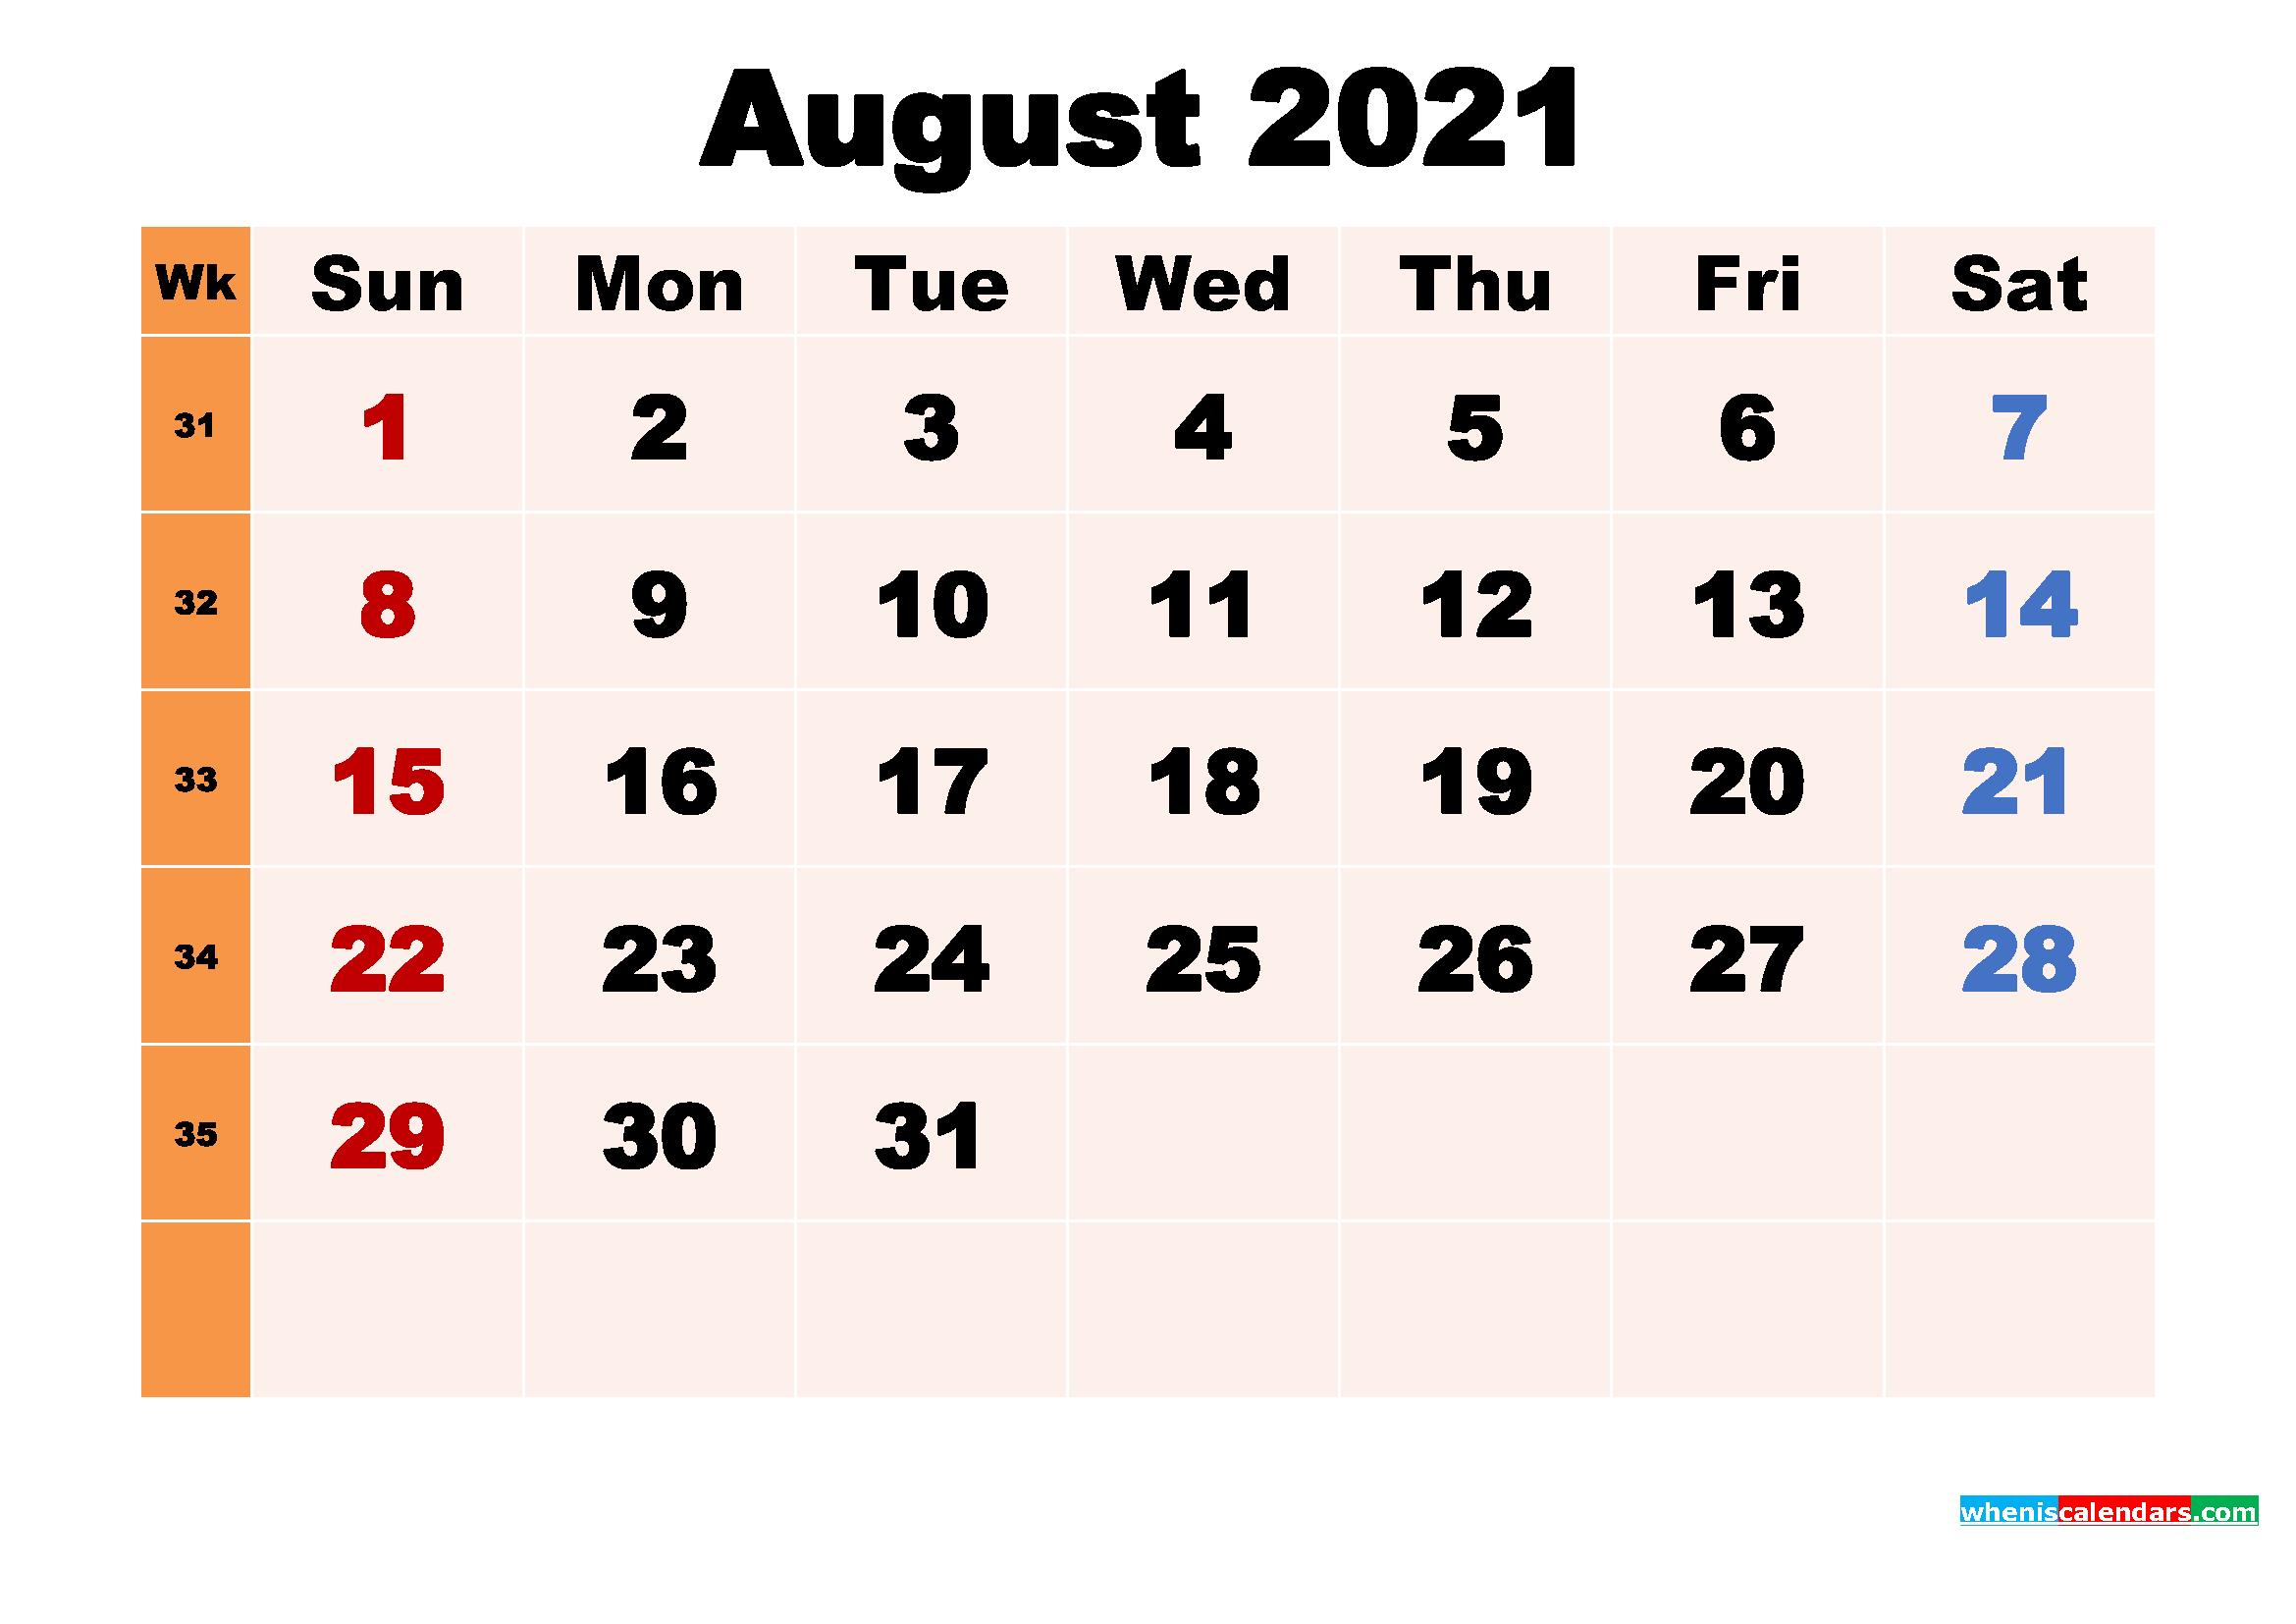 August 2021 Calendar Wallpaper Free Download